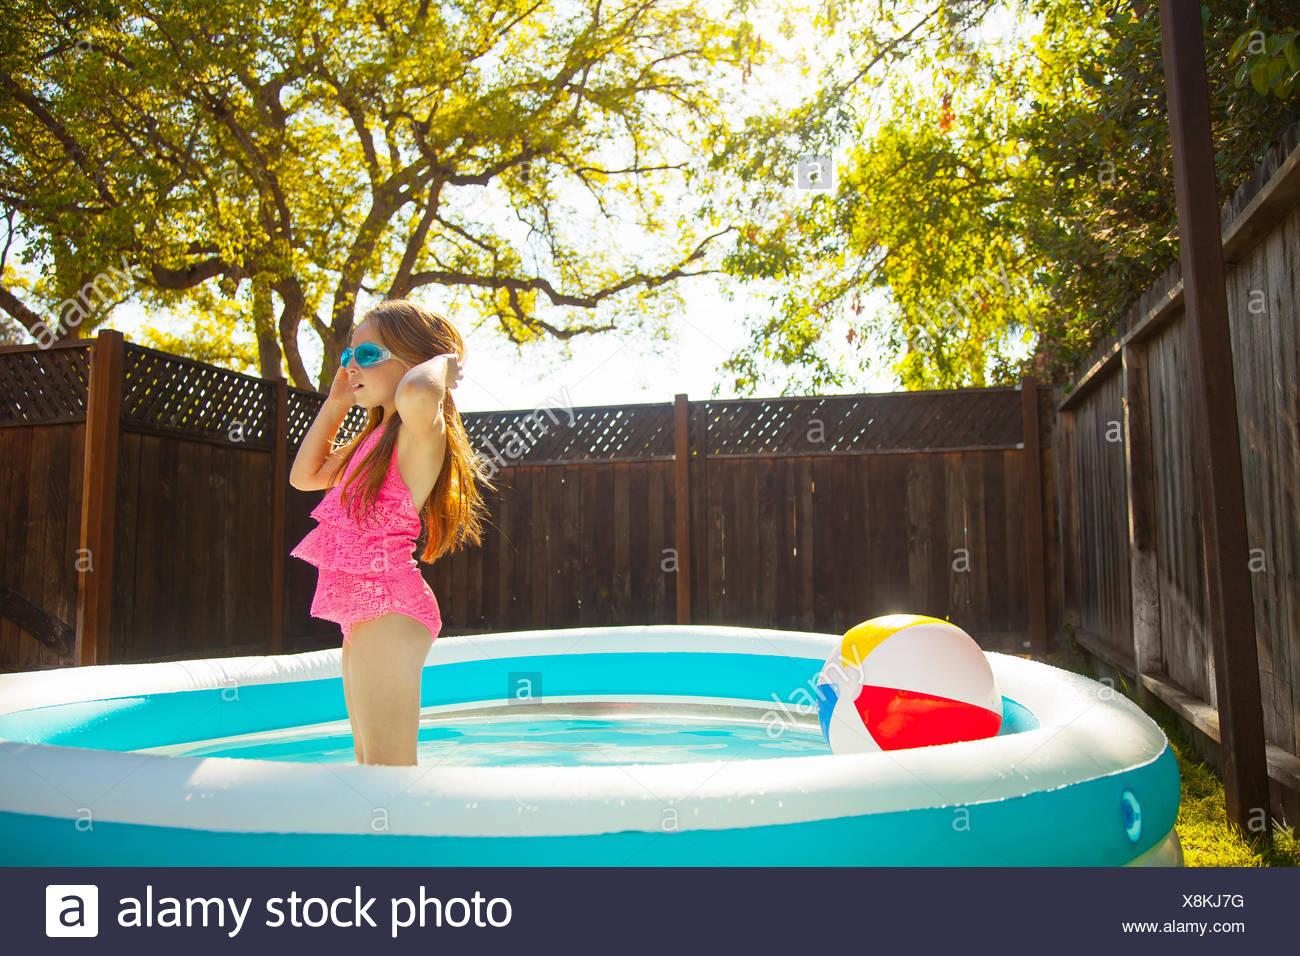 La ragazza di occhiali da nuoto in giardino piscina per